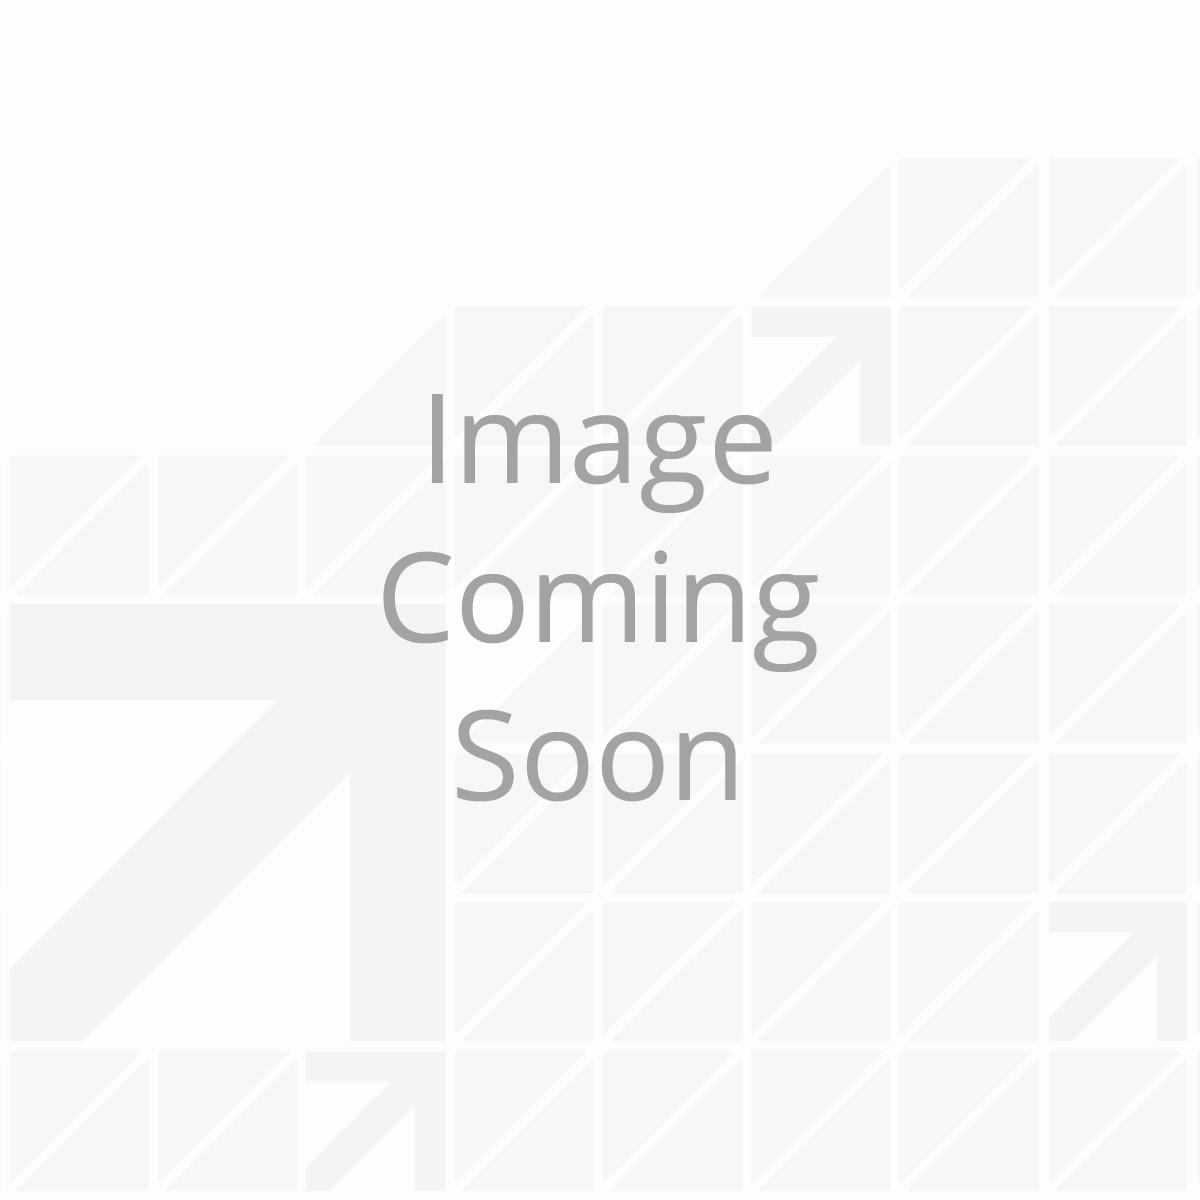 Wireless Main Logic Board